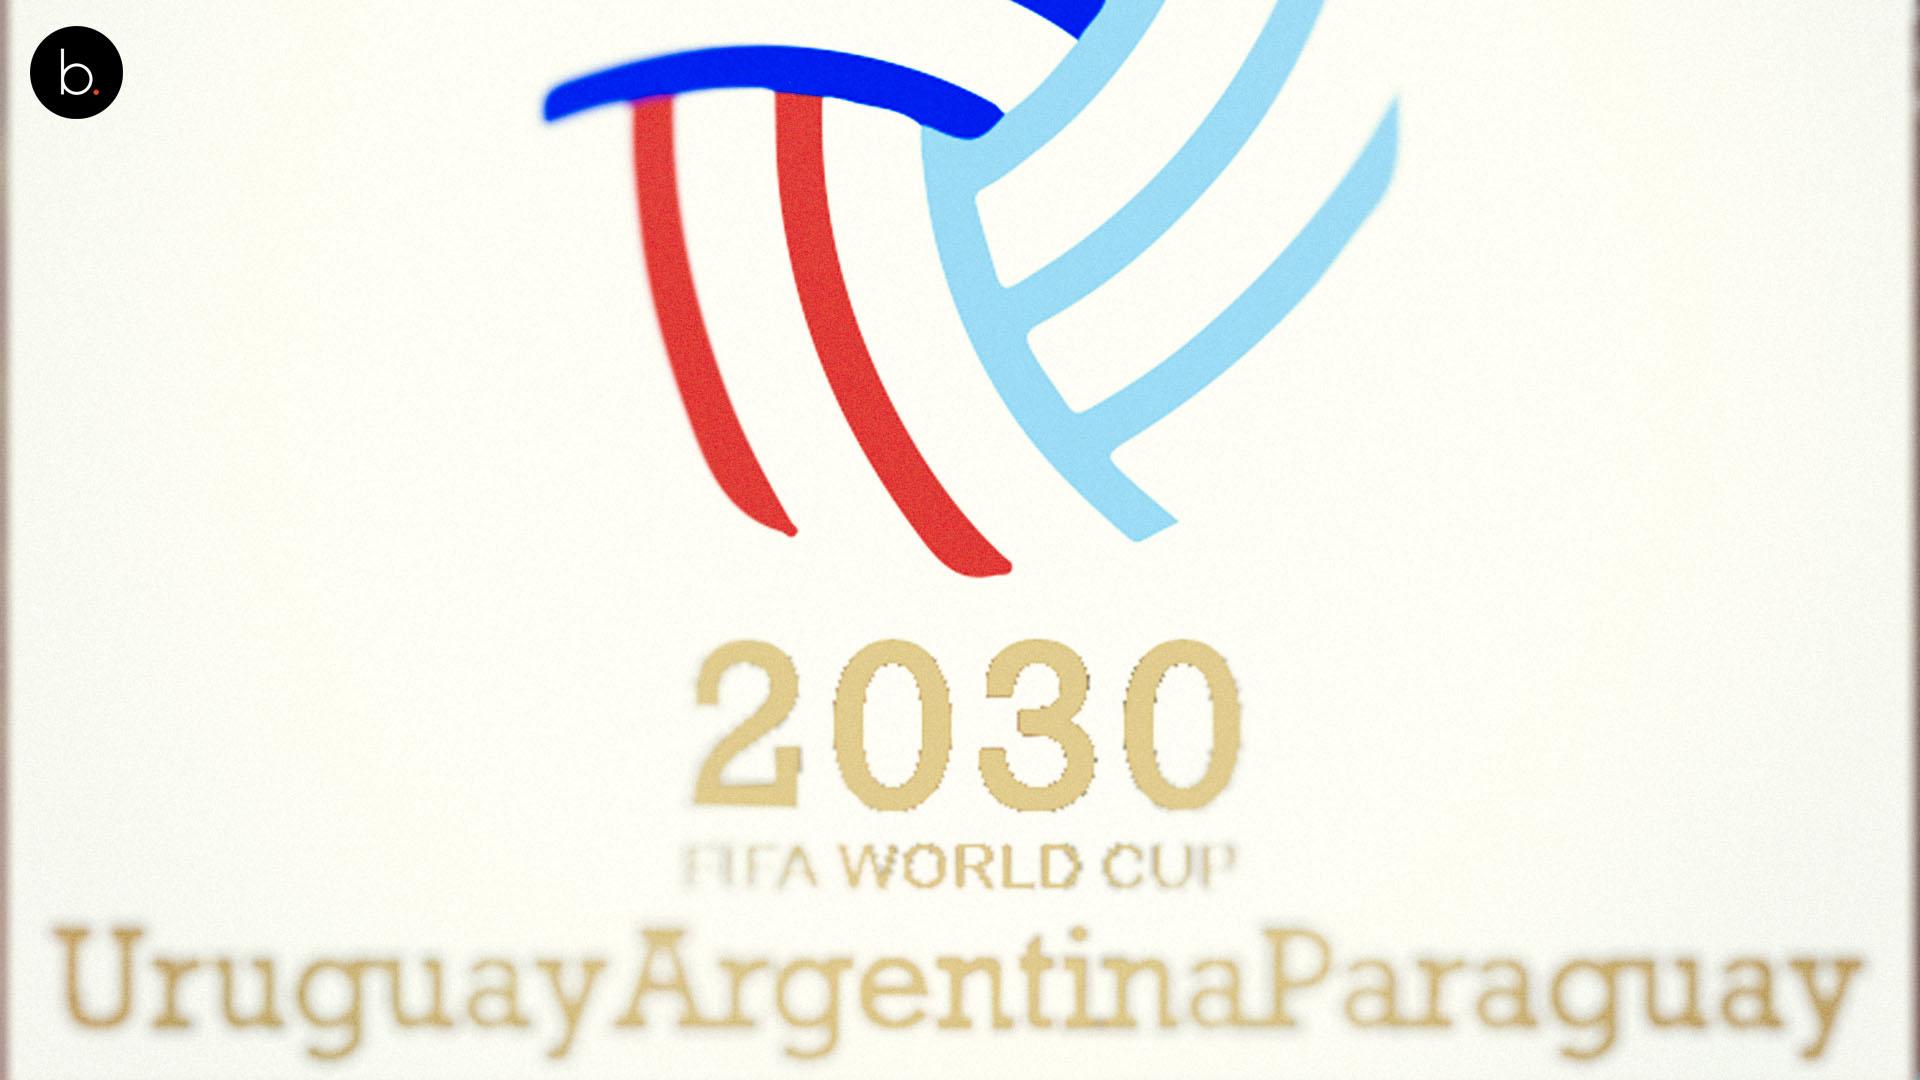 Mundial 2030: Inglaterra también se postula como organizadora